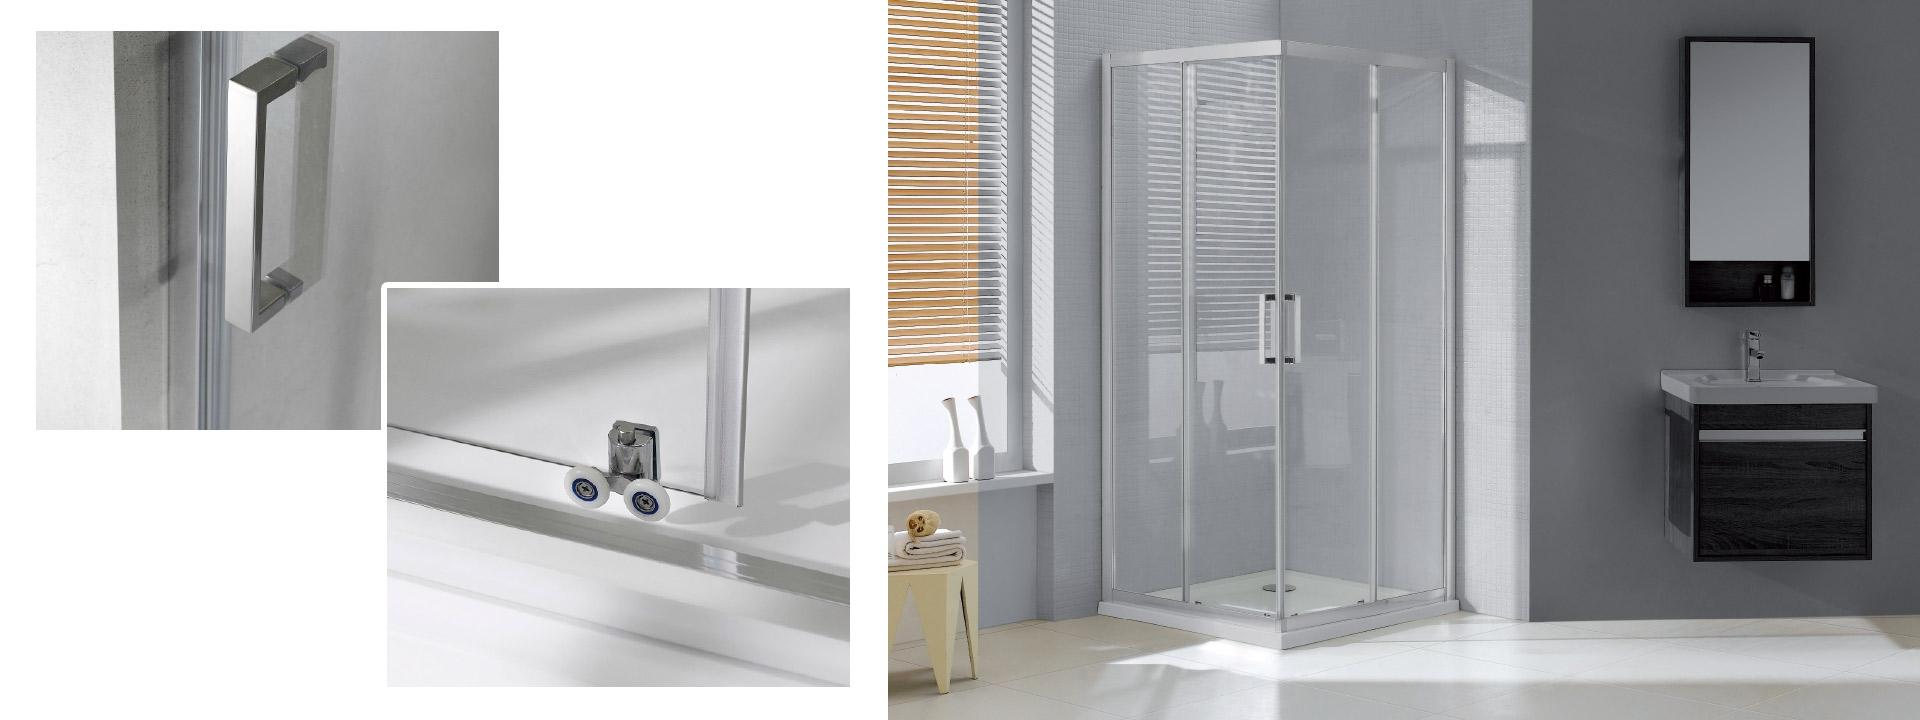 Душ кабина за баня 90х90, оборудване за баня, санитари за баня